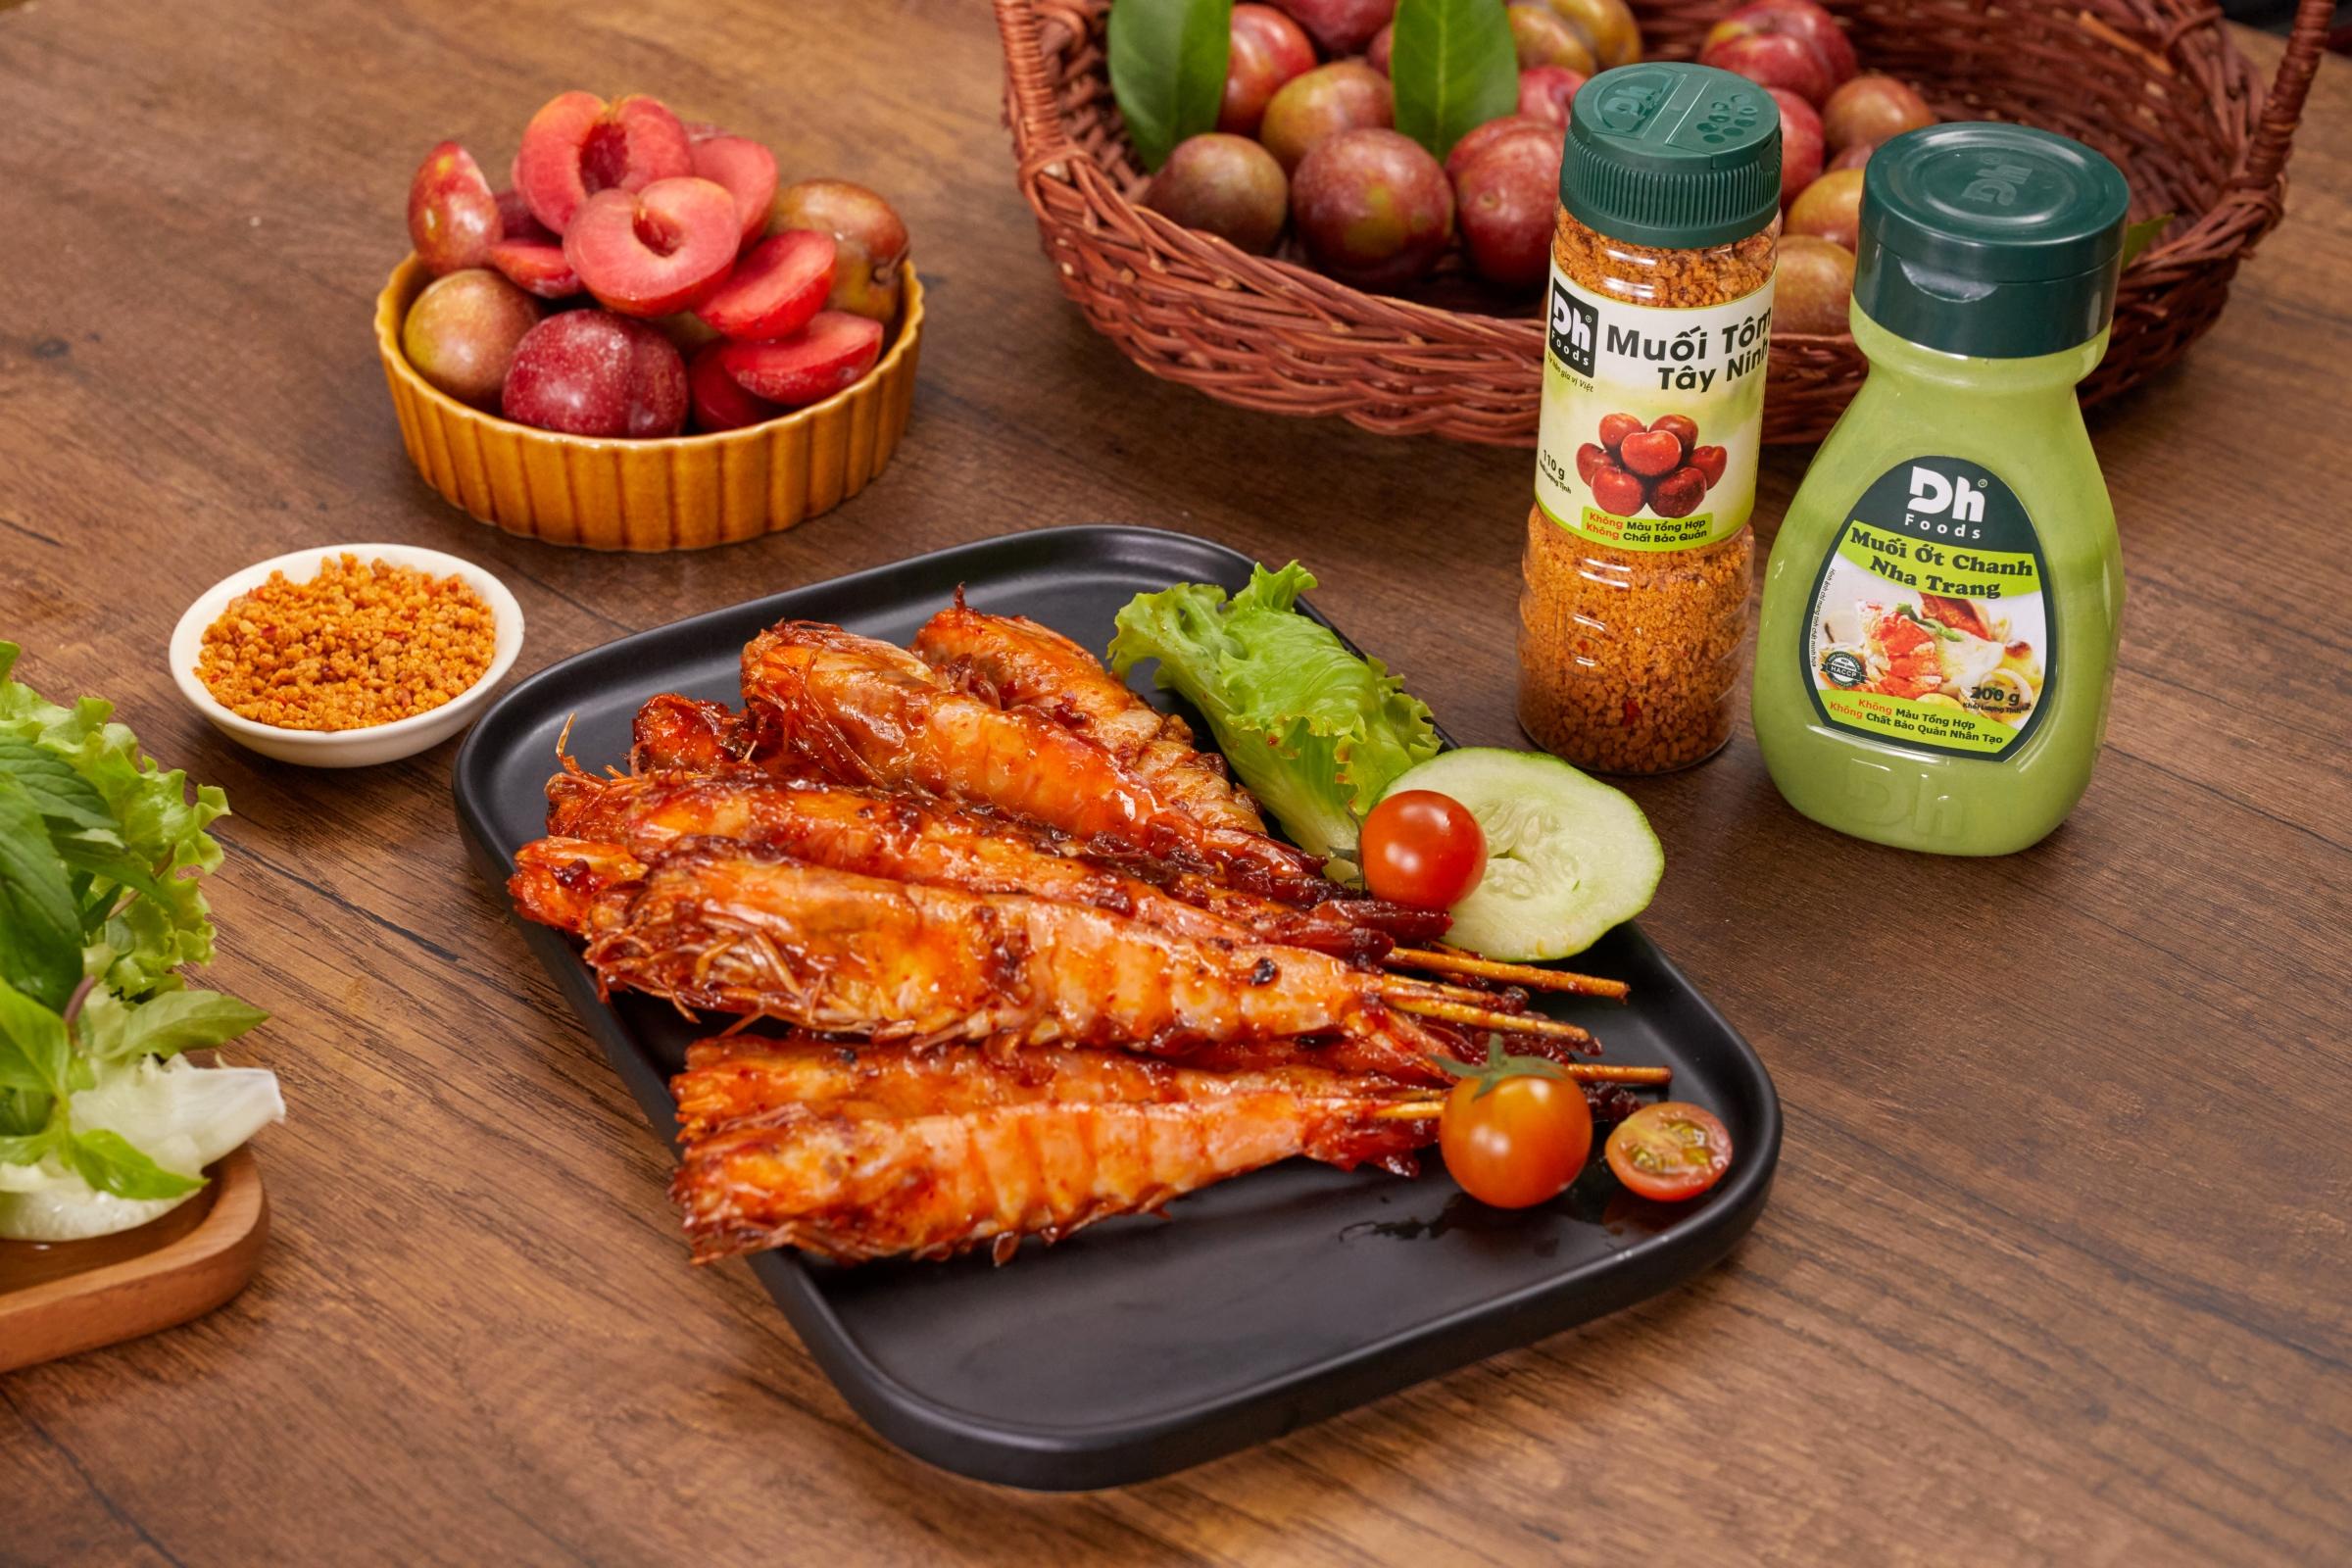 """CEO Dh Foods: """"Ông trùm gia vị Việt"""" khởi nghiệp ở tuổi 50, doanh nghiệp tăng trưởng 50% bất chấp đại dịch  - Ảnh 1"""